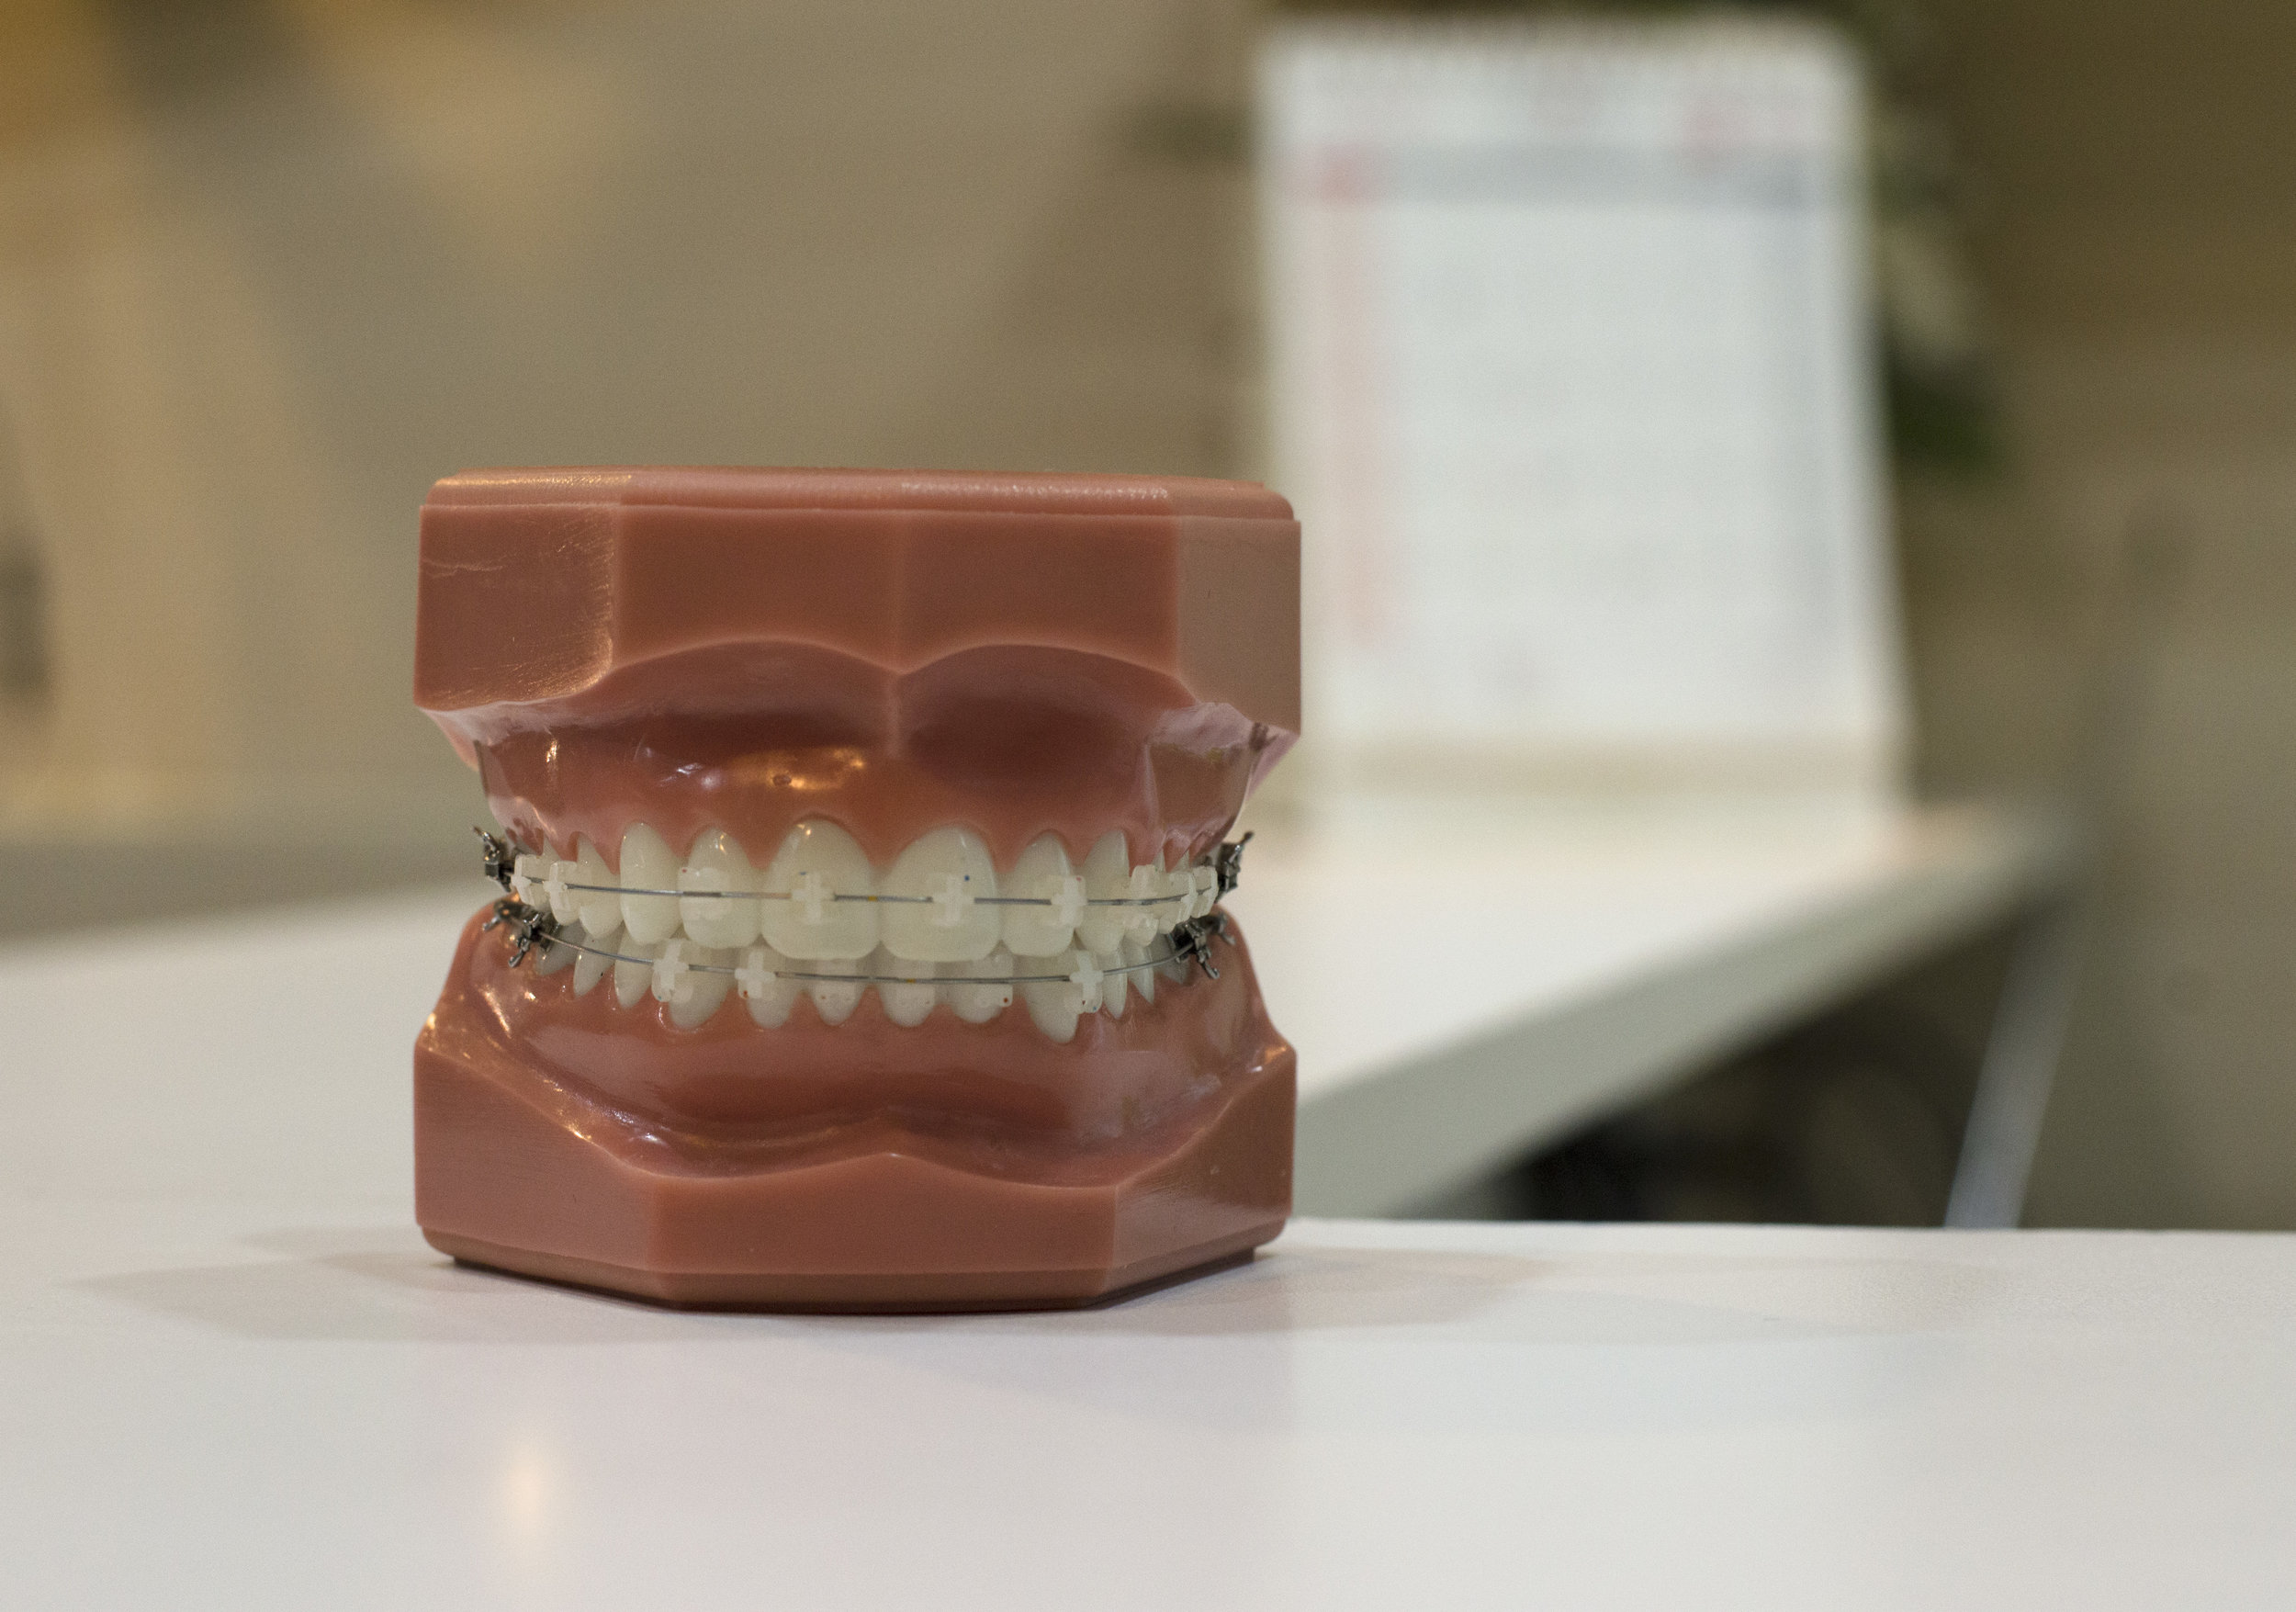 missing teeth dental bridge